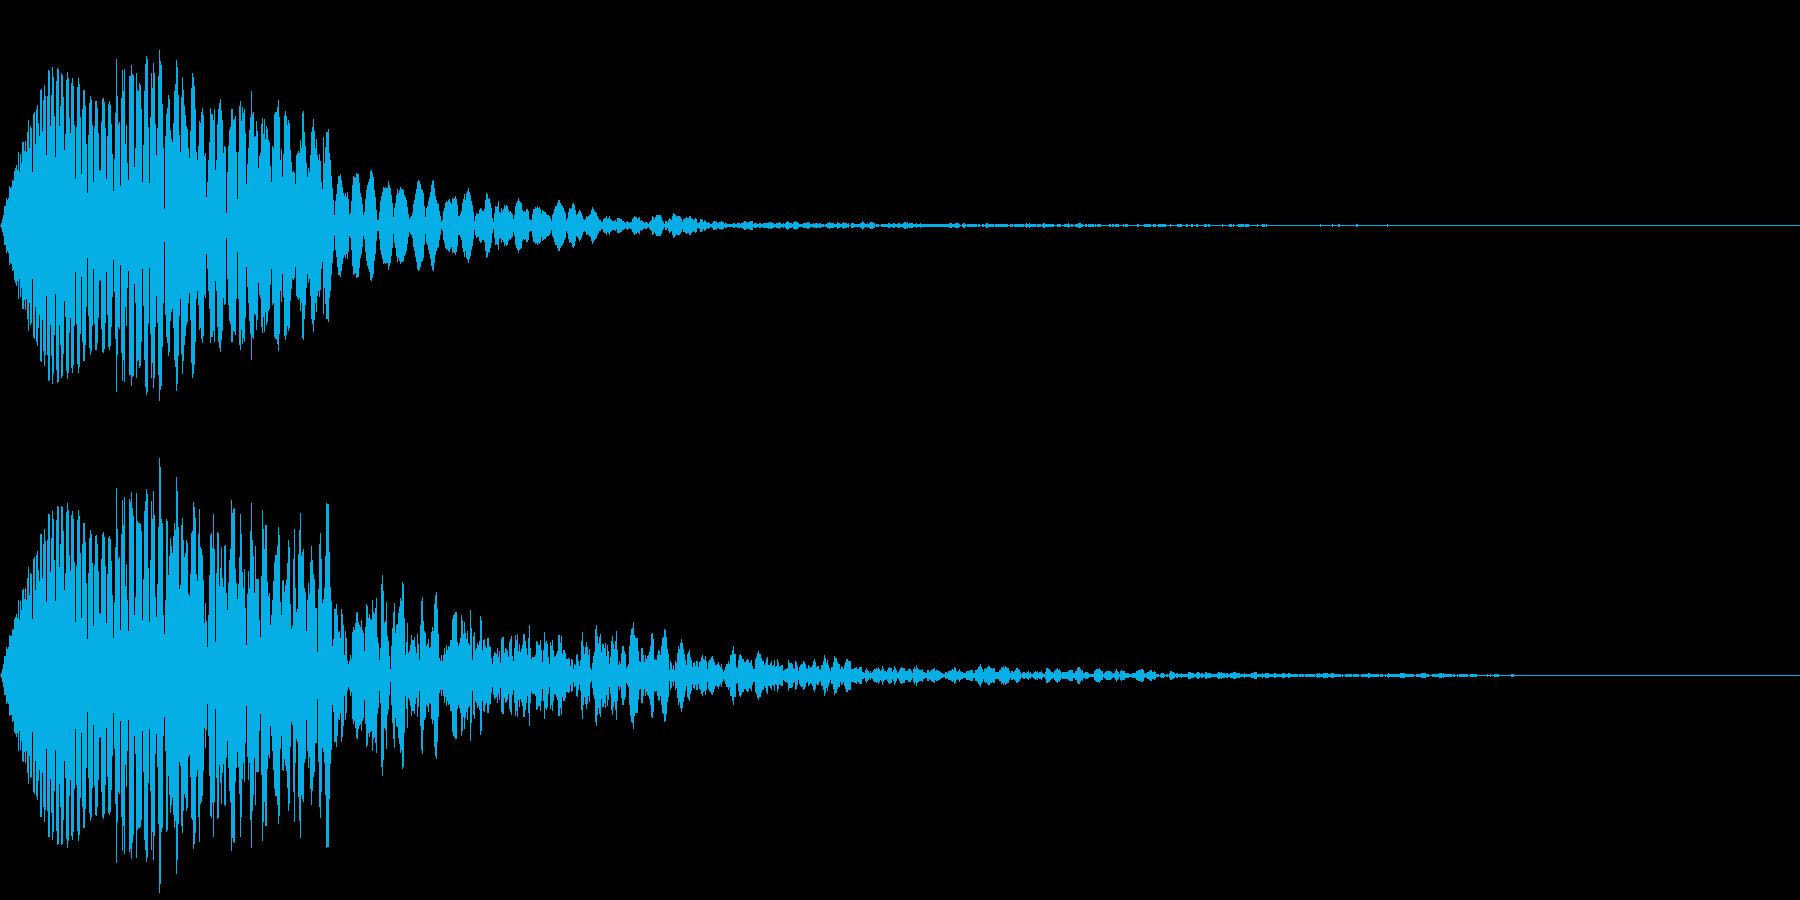 ぶわん 攻撃音の再生済みの波形